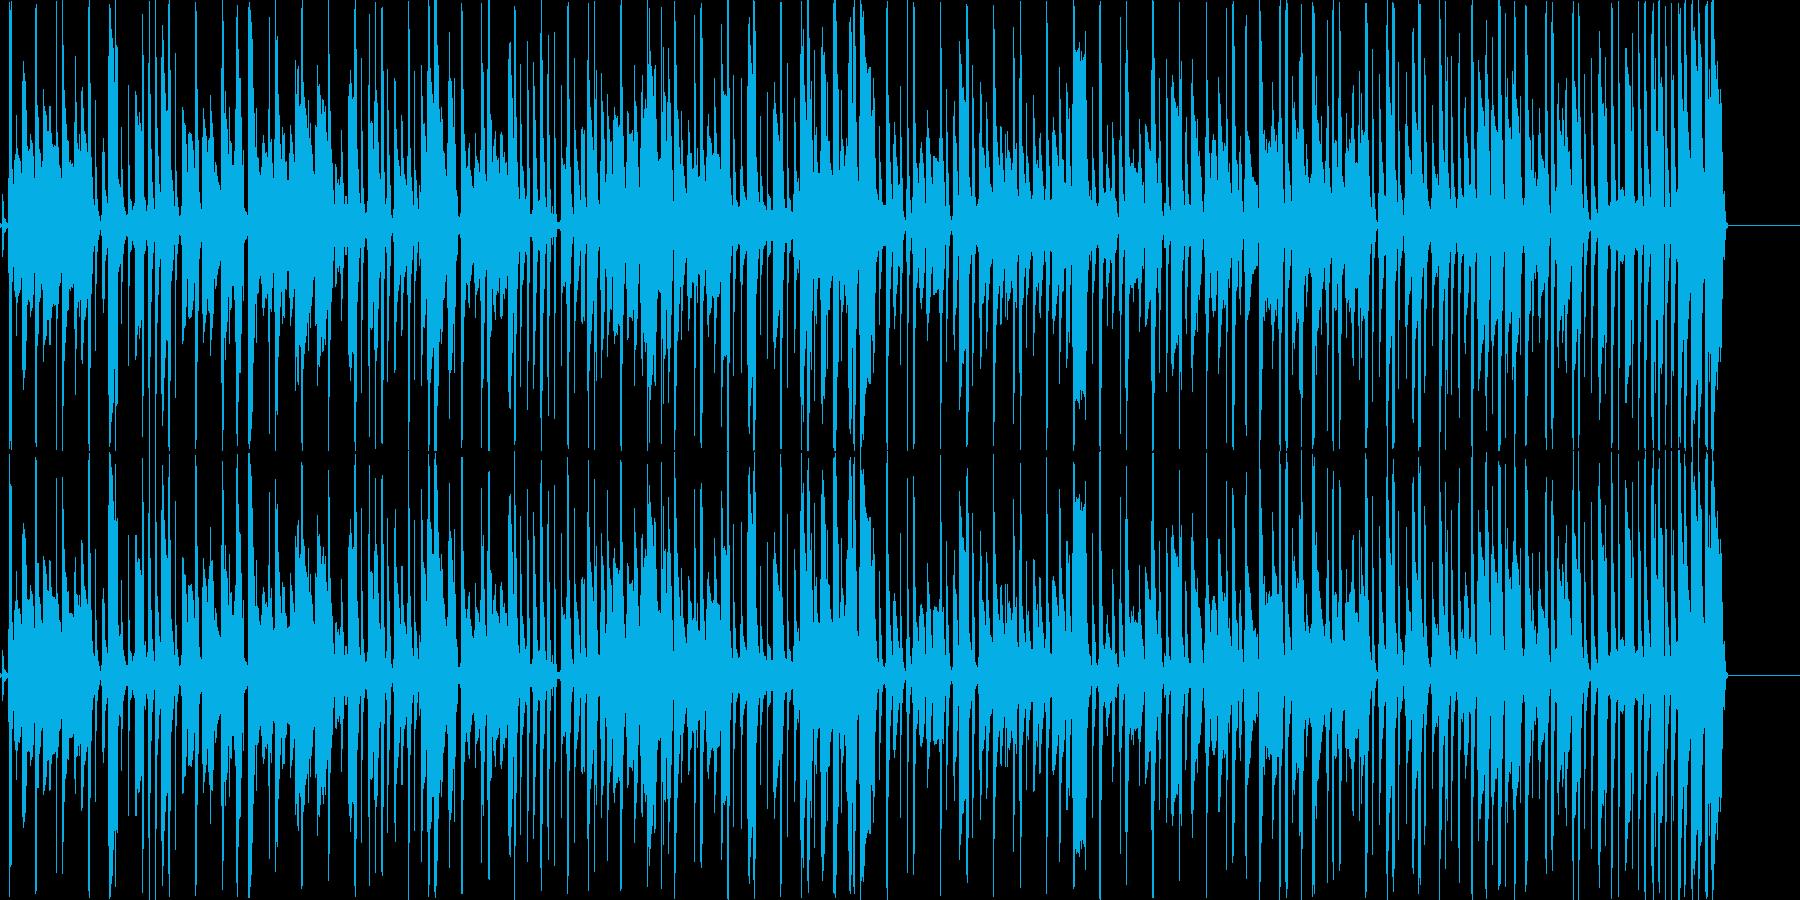 ファンキーでコミカルな曲の再生済みの波形